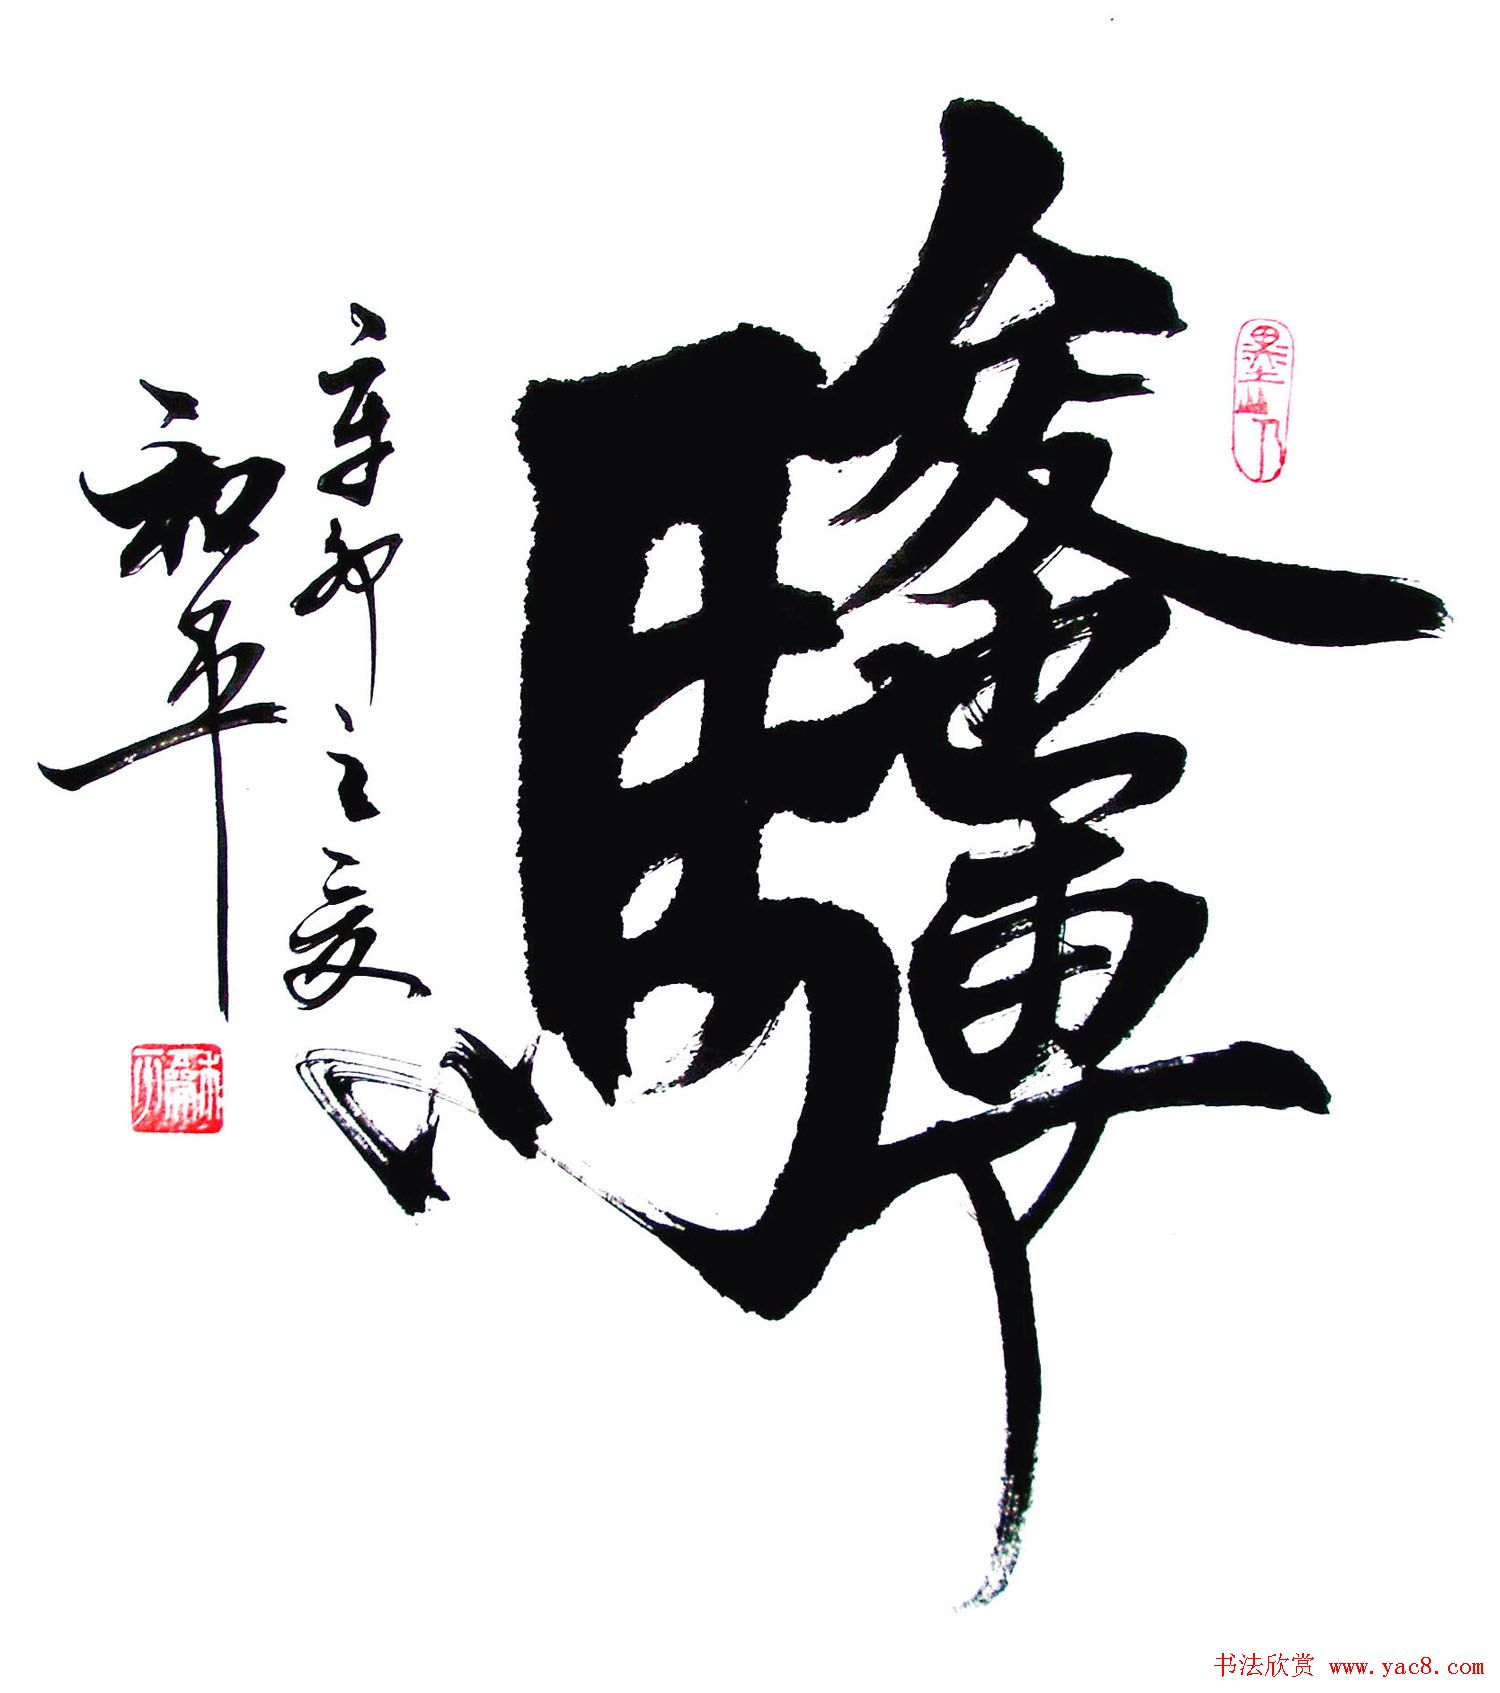 王和平组合字书法作品欣赏(20)